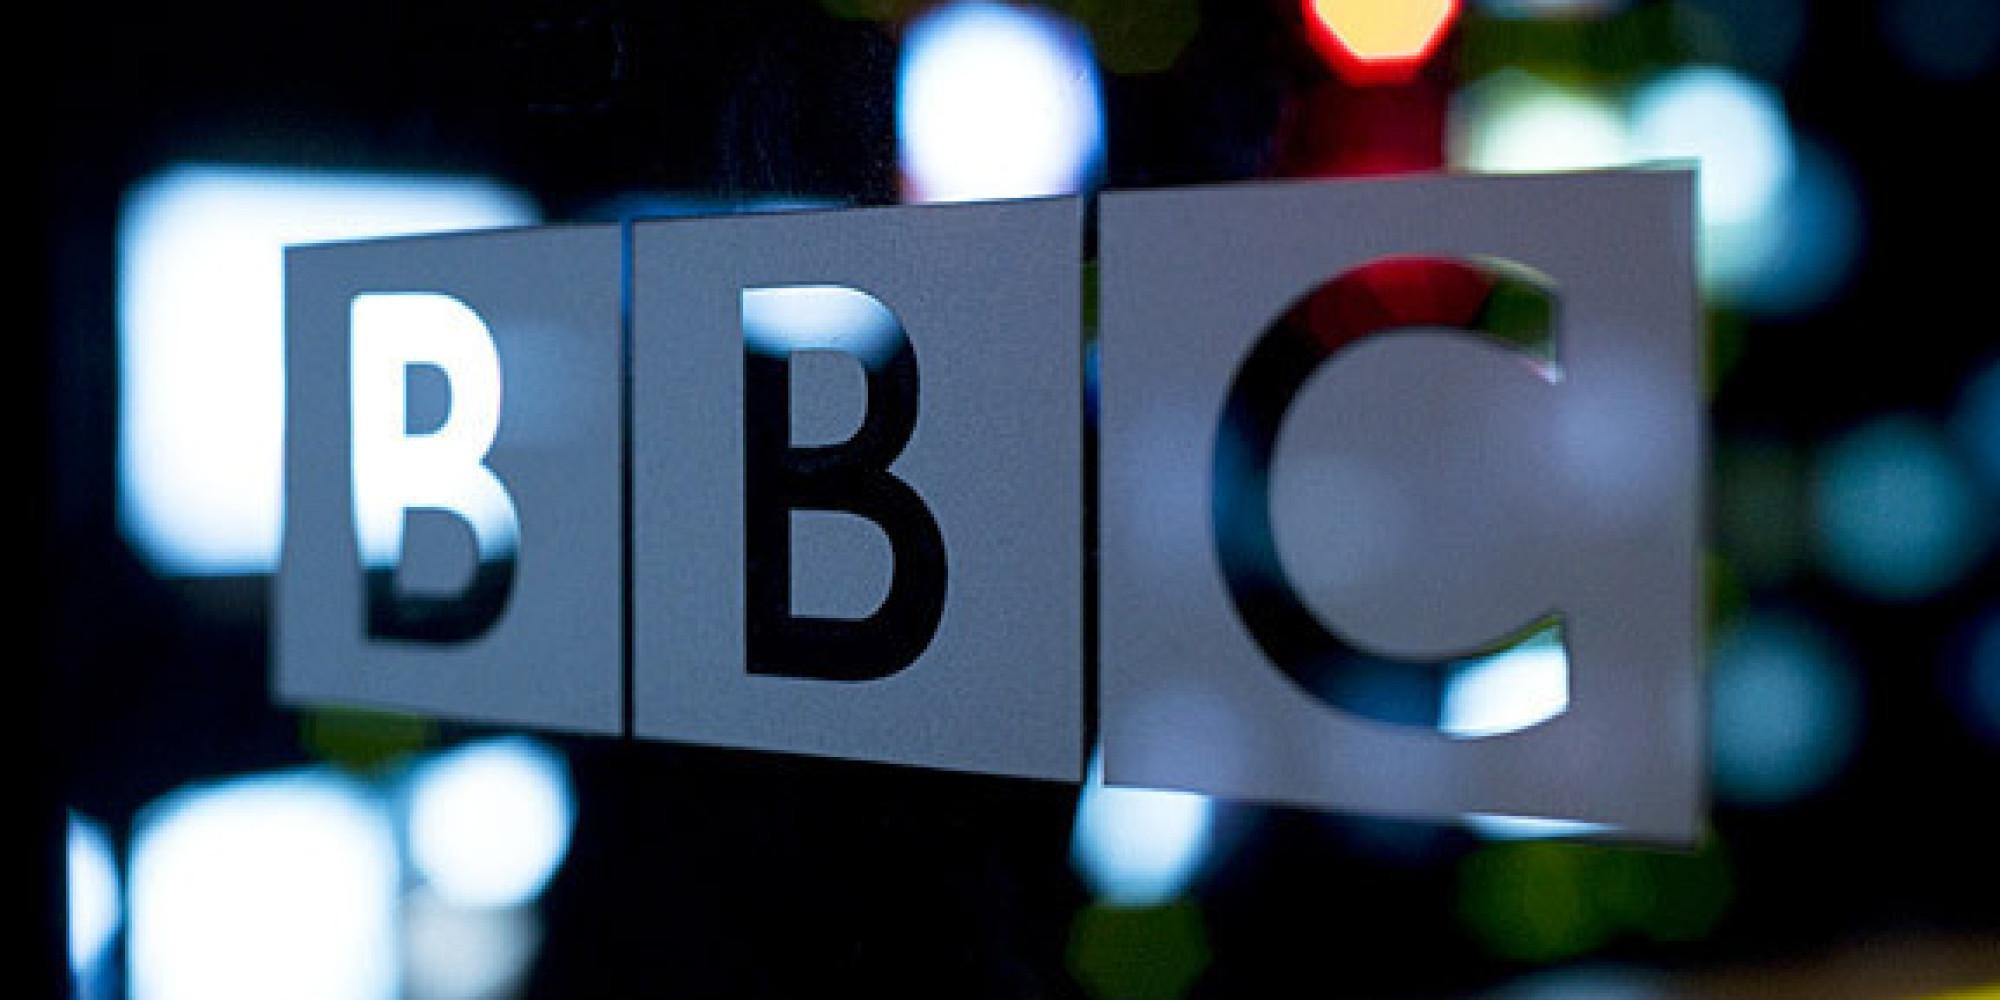 Впервые в своей истории BBC изменит принципы вещания